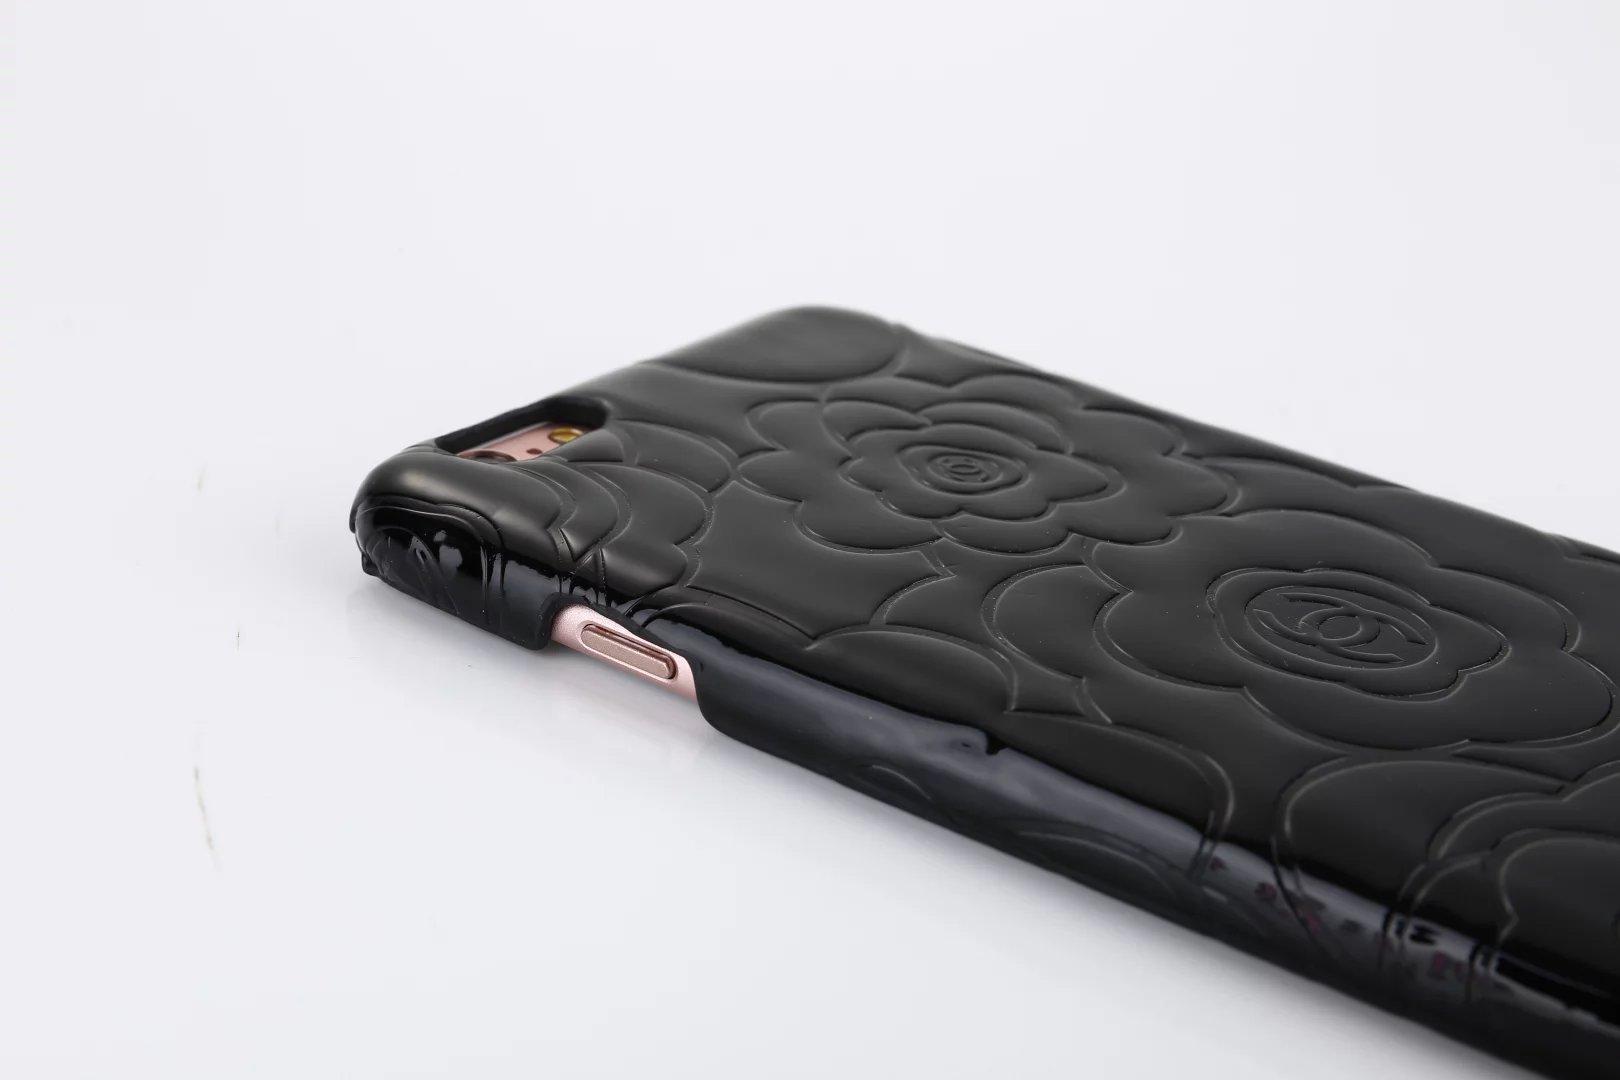 where to buy iphone 7 Plus cases iphone 7 Plus original cover fashion iphone7 Plus case iphone 7 Plus covers online www design com iphone 7 Plus cass design iphone 7 Plus case top rated iphone 7 Plus cases ipone 7 Plus cases